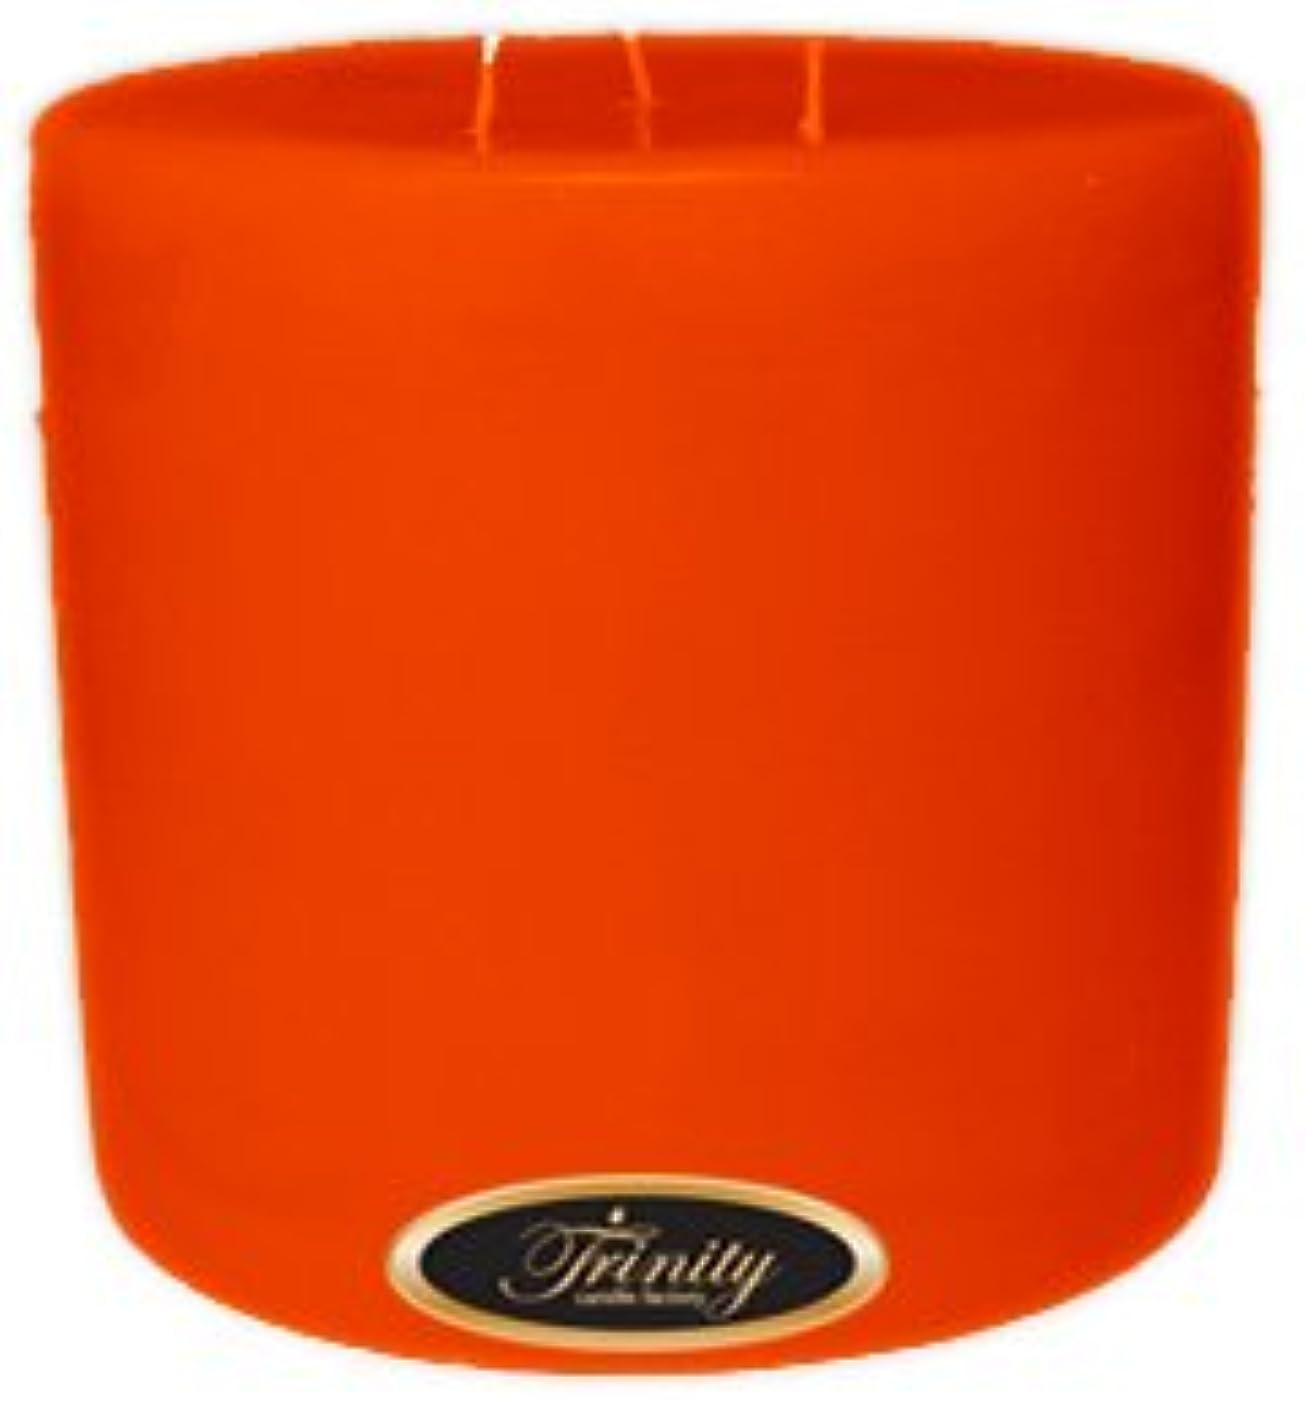 ボウリングドラフト解き明かすTrinity Candle工場 – スイカズラ – Pillar Candle – 6 x 6